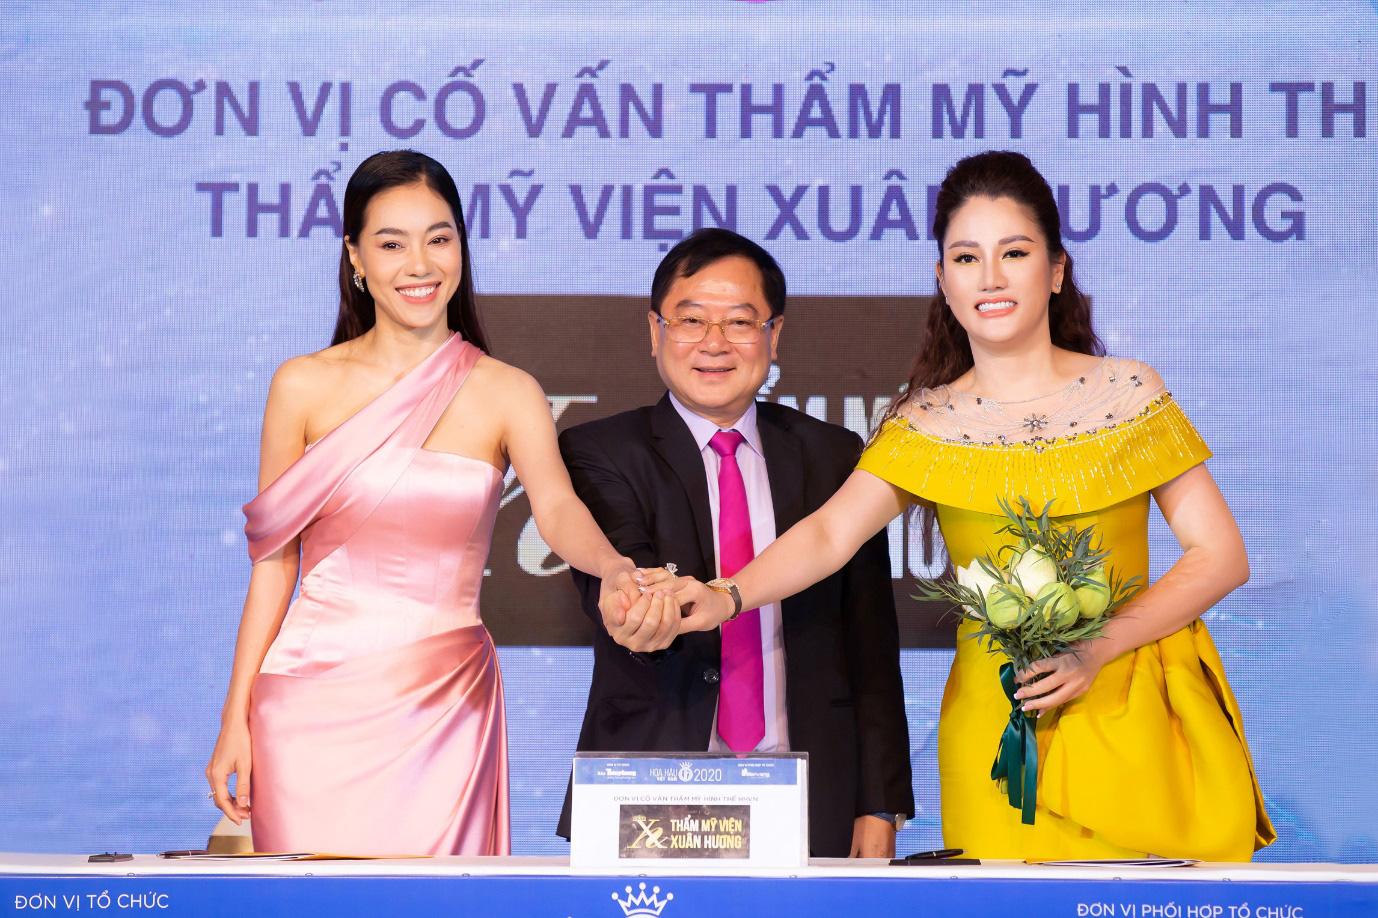 Từ đơn vị thẩm mỹ top đầu đến Cố vấn Thẩm mỹ hình thể Hoa hậu Việt Nam 2020 - Ảnh 4.